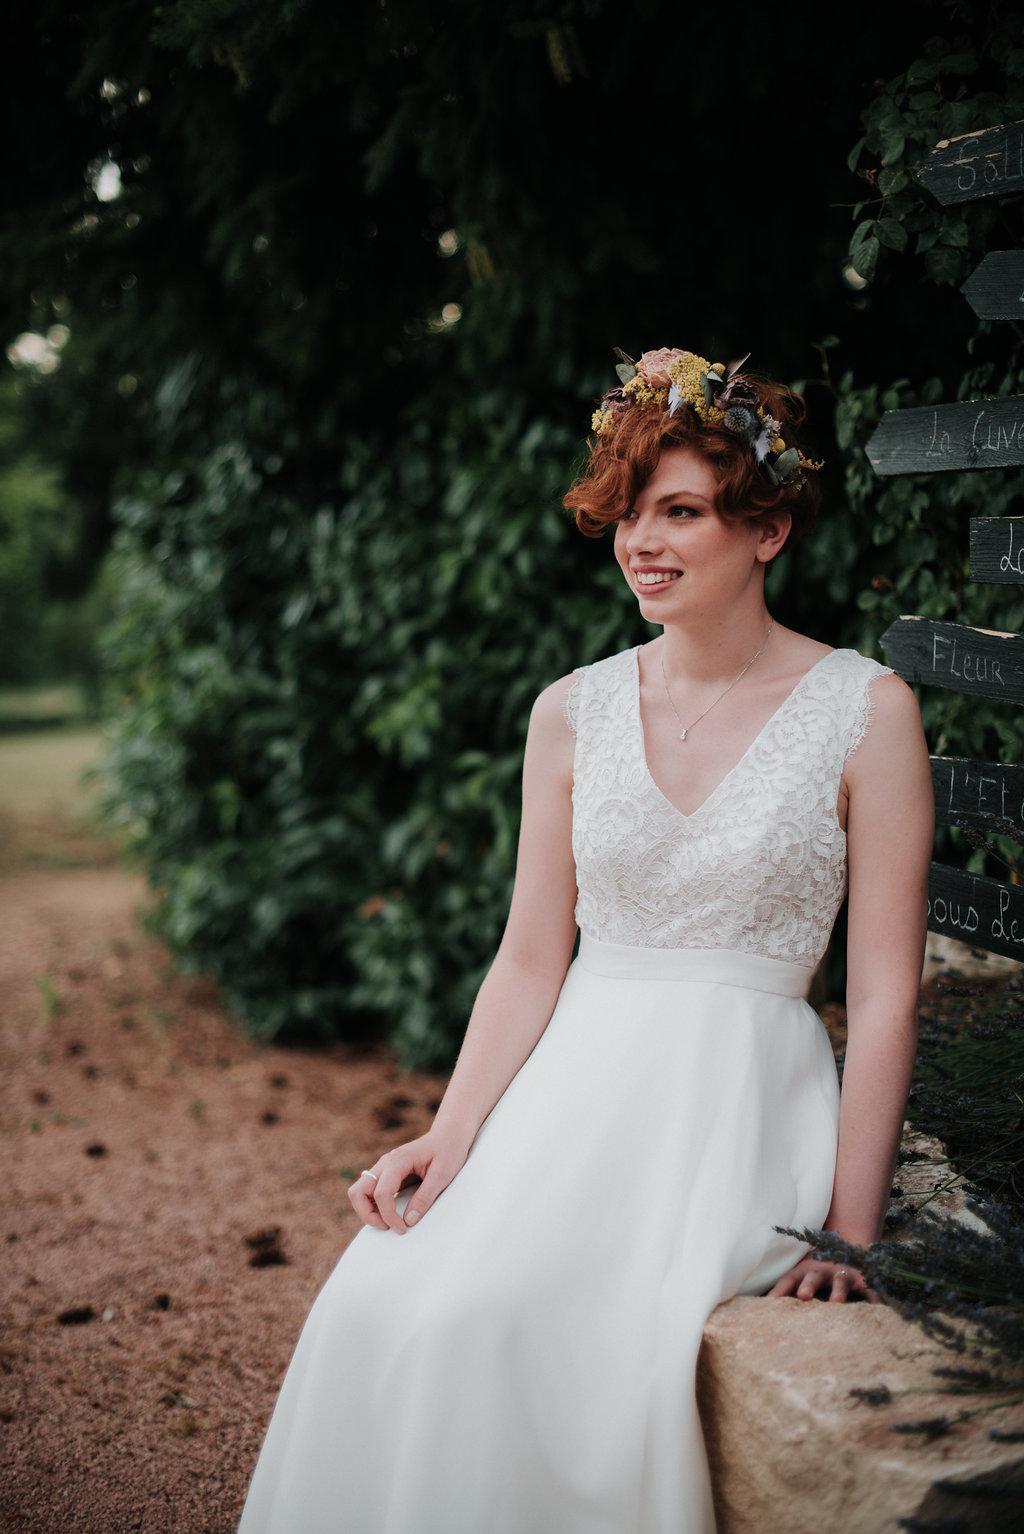 Léa-Fery-photographe-professionnel-lyon-rhone-alpes-portrait-creation-mariage-evenement-evenementiel-famille-7792.jpg